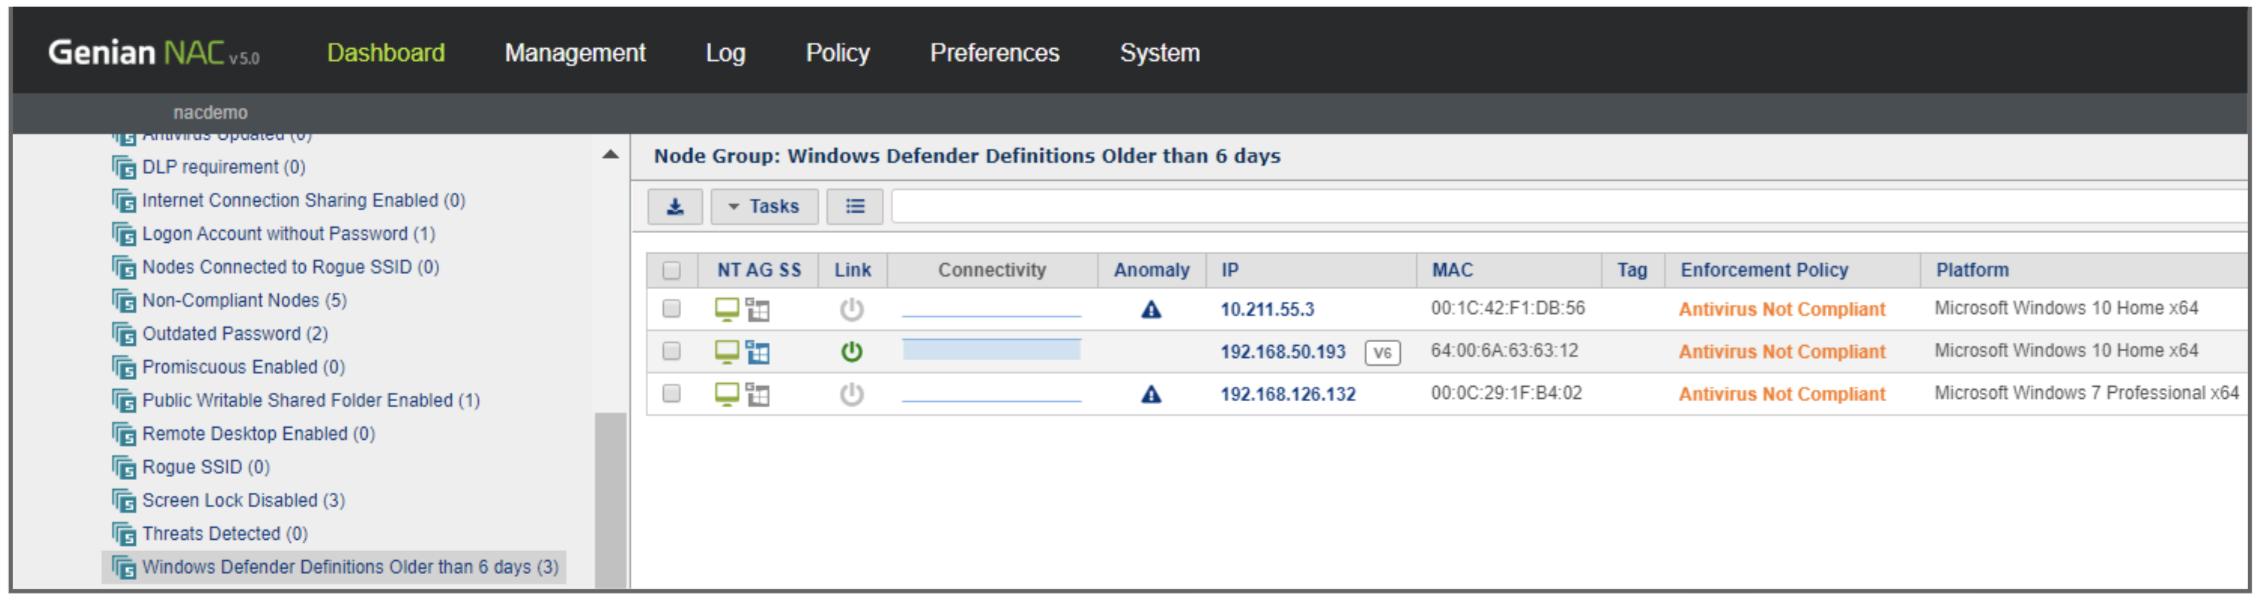 Windows Defender Node Group